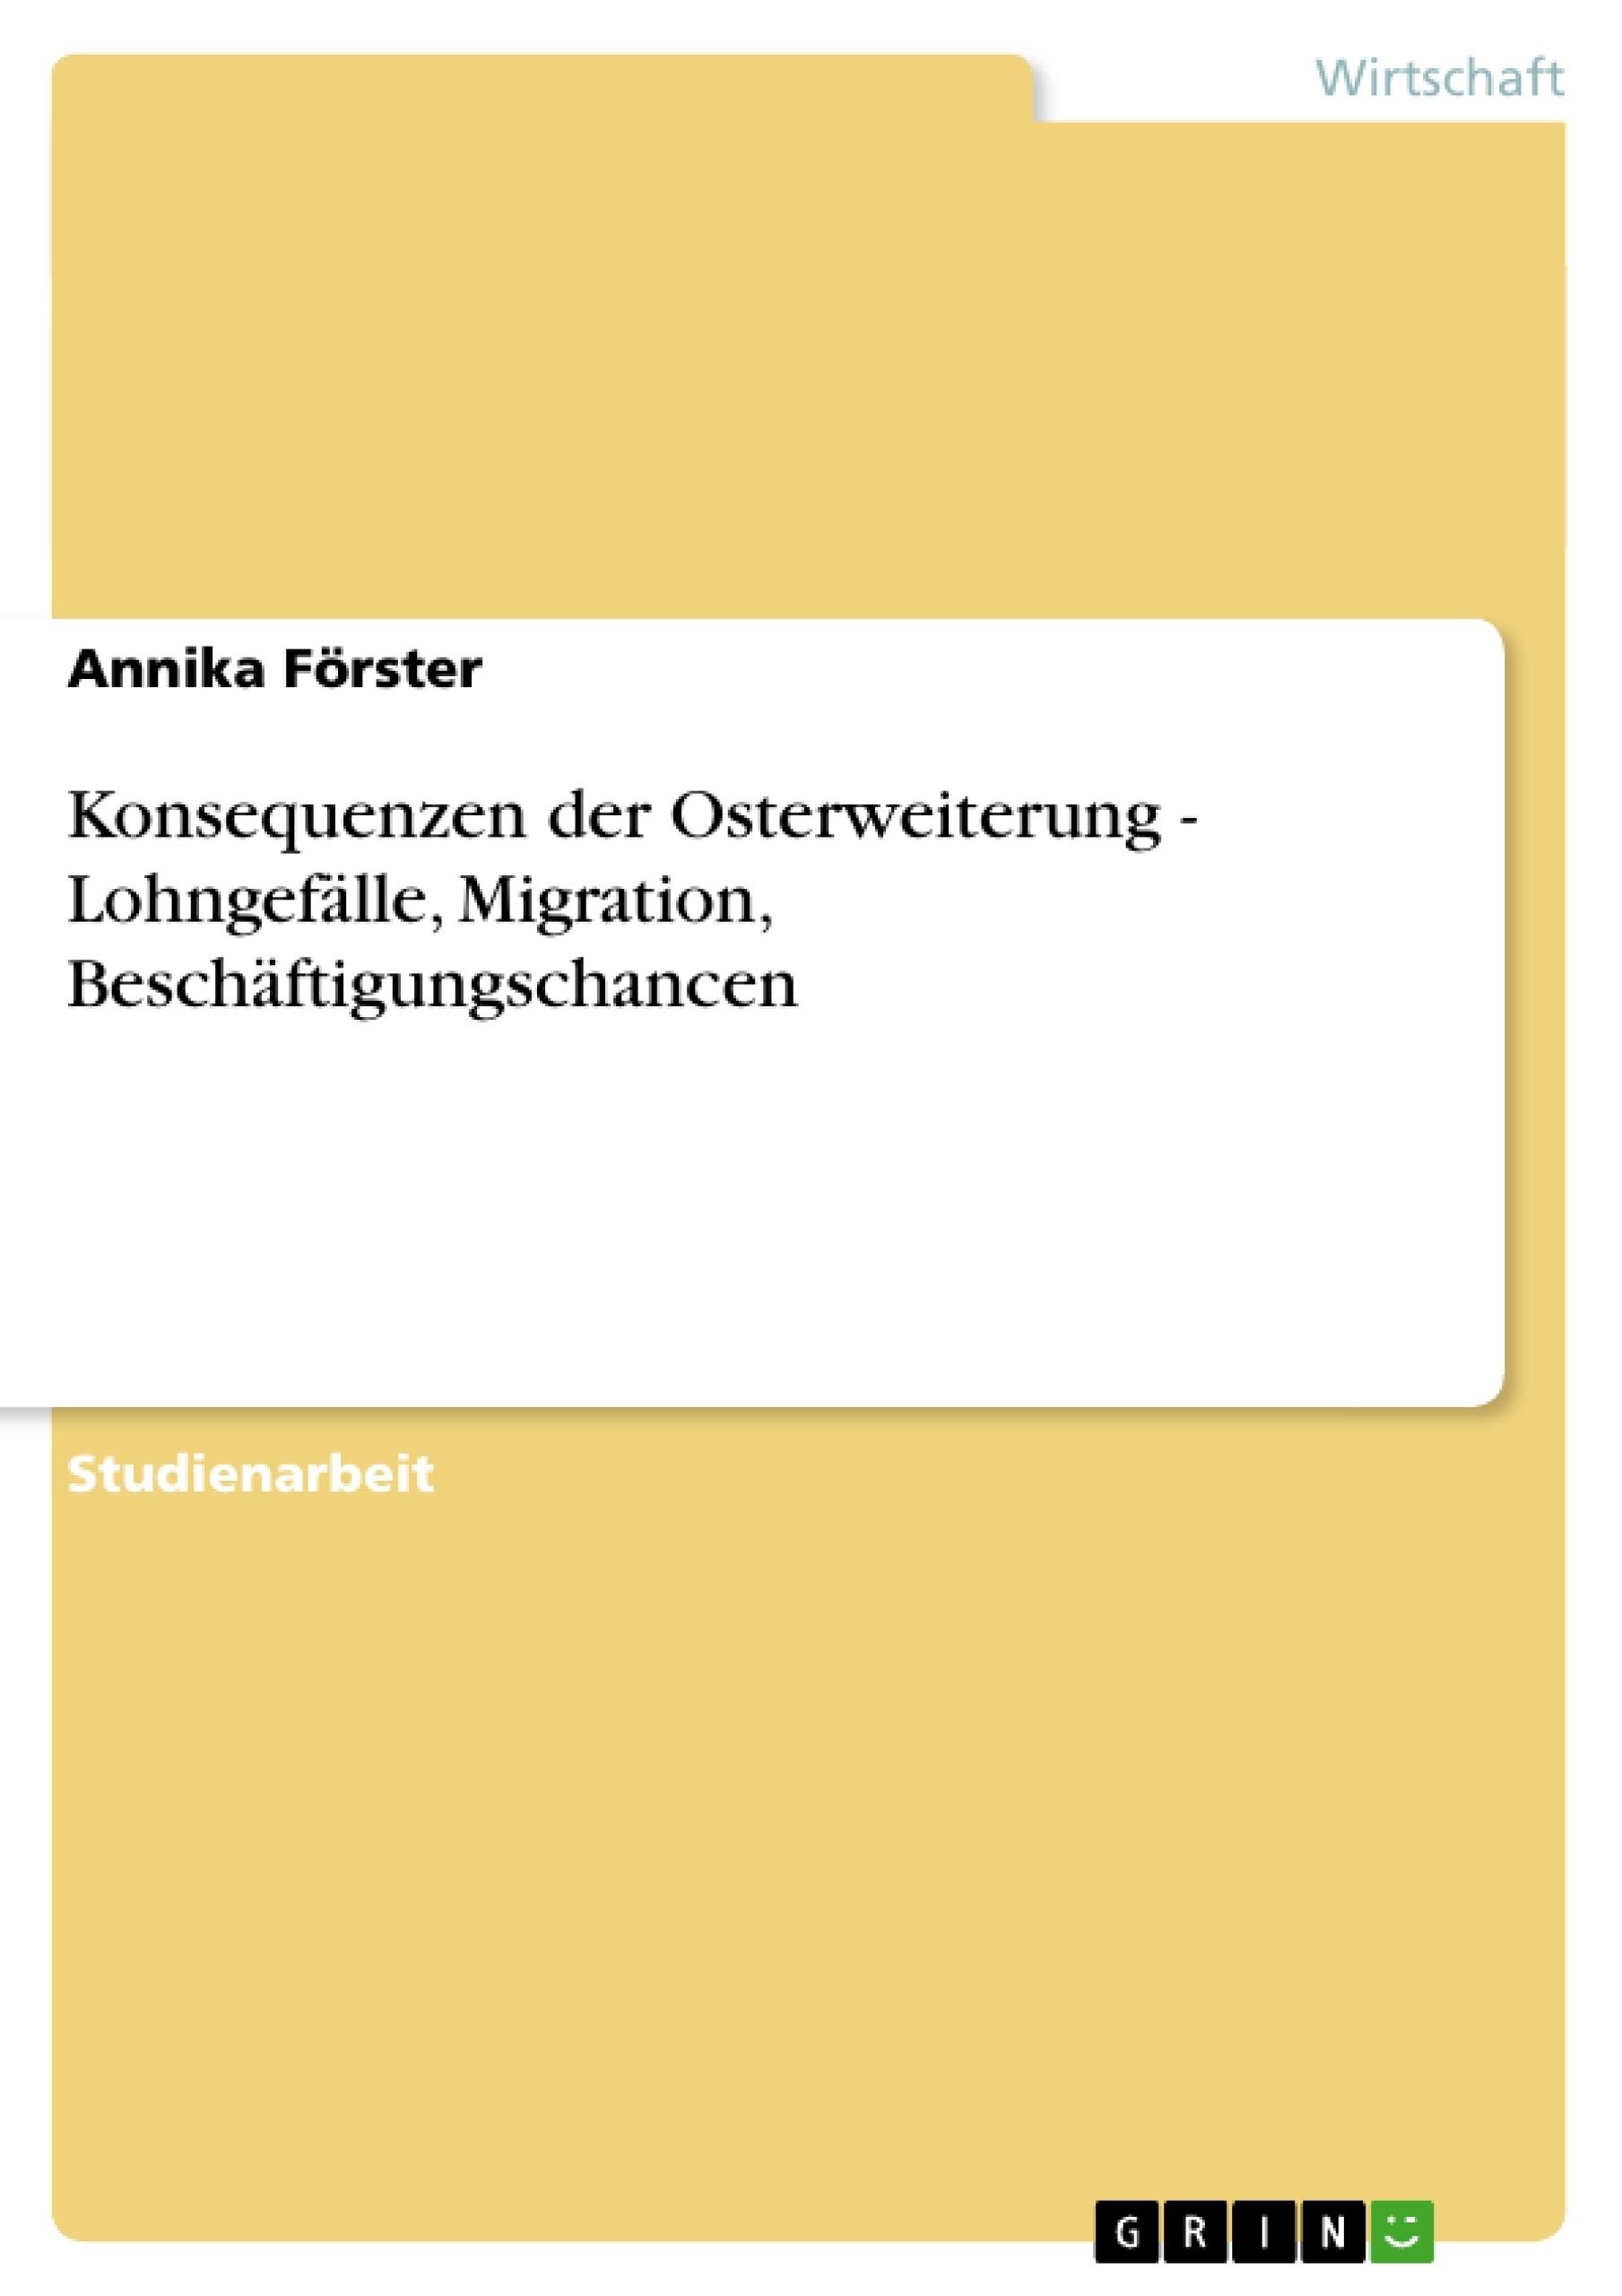 Titel: Konsequenzen der Osterweiterung - Lohngefälle, Migration, Beschäftigungschancen